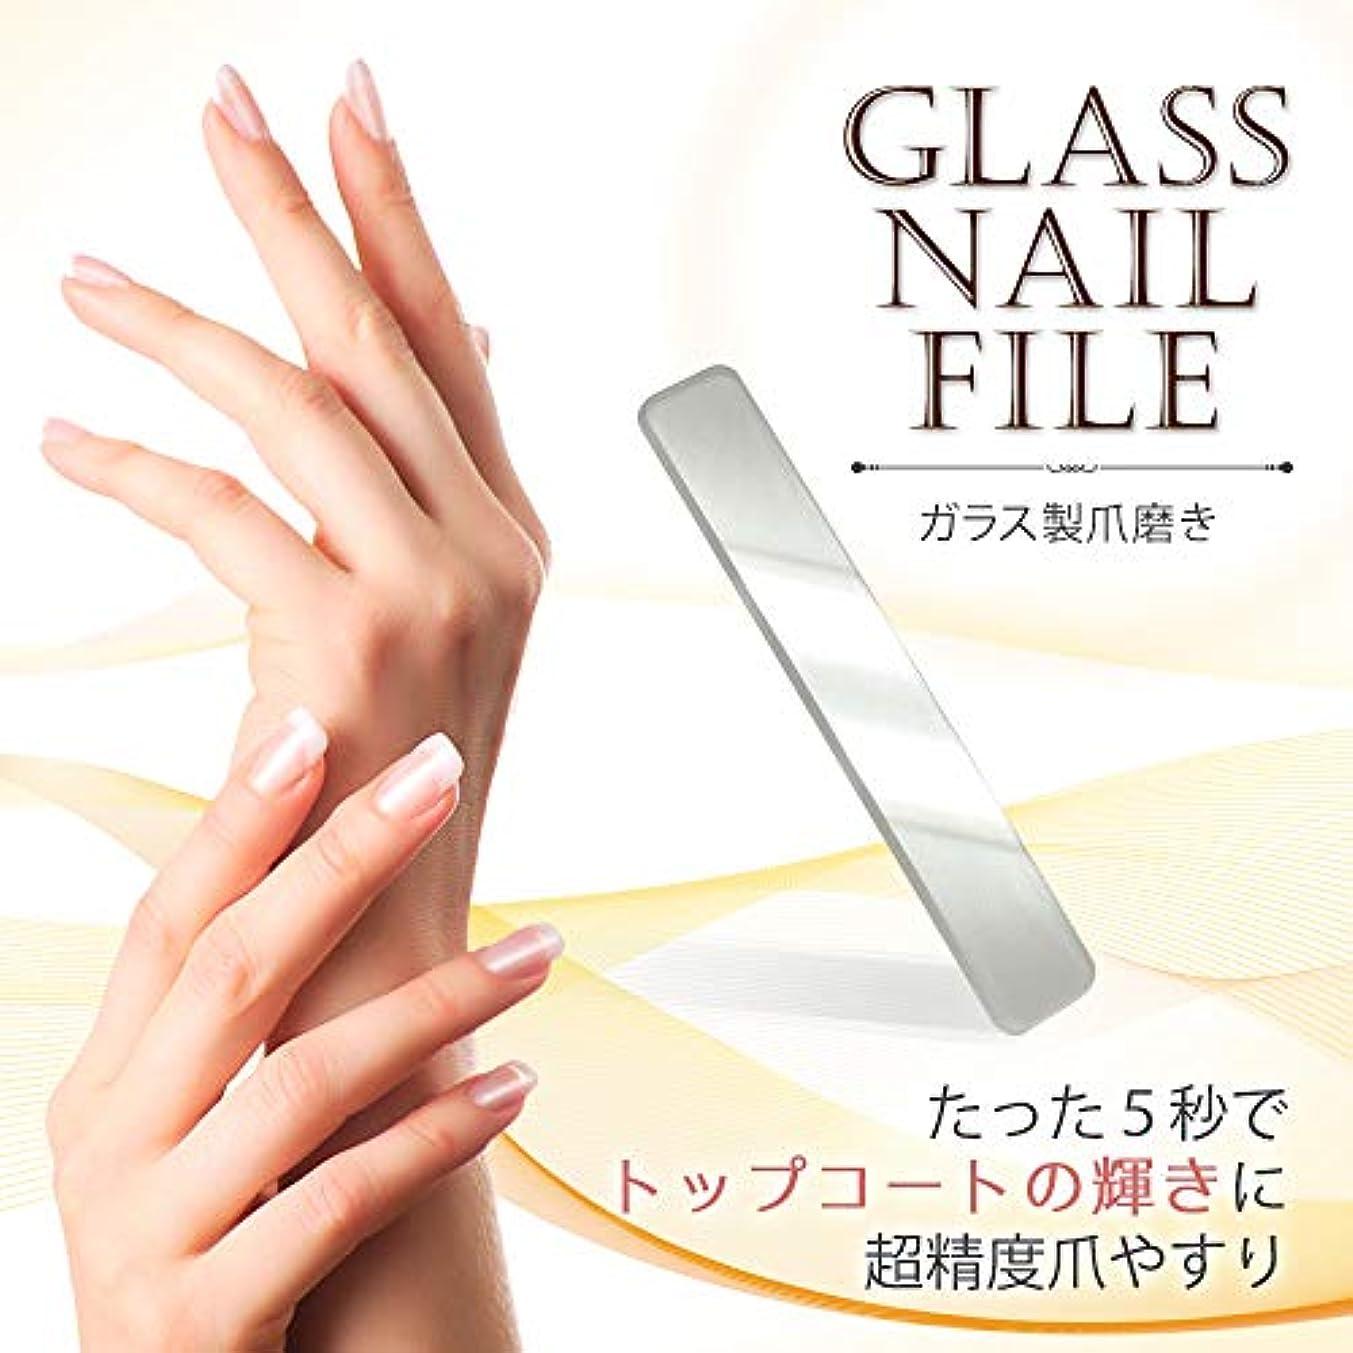 浴室パック飢え5秒で実感 Glass Nail File (ガラス製 爪やすり 爪みがき つめみがき 爪磨き ネイルファイル ネイルシャイナー グラスシャイナー バッファー ネイルケア 爪ケア)